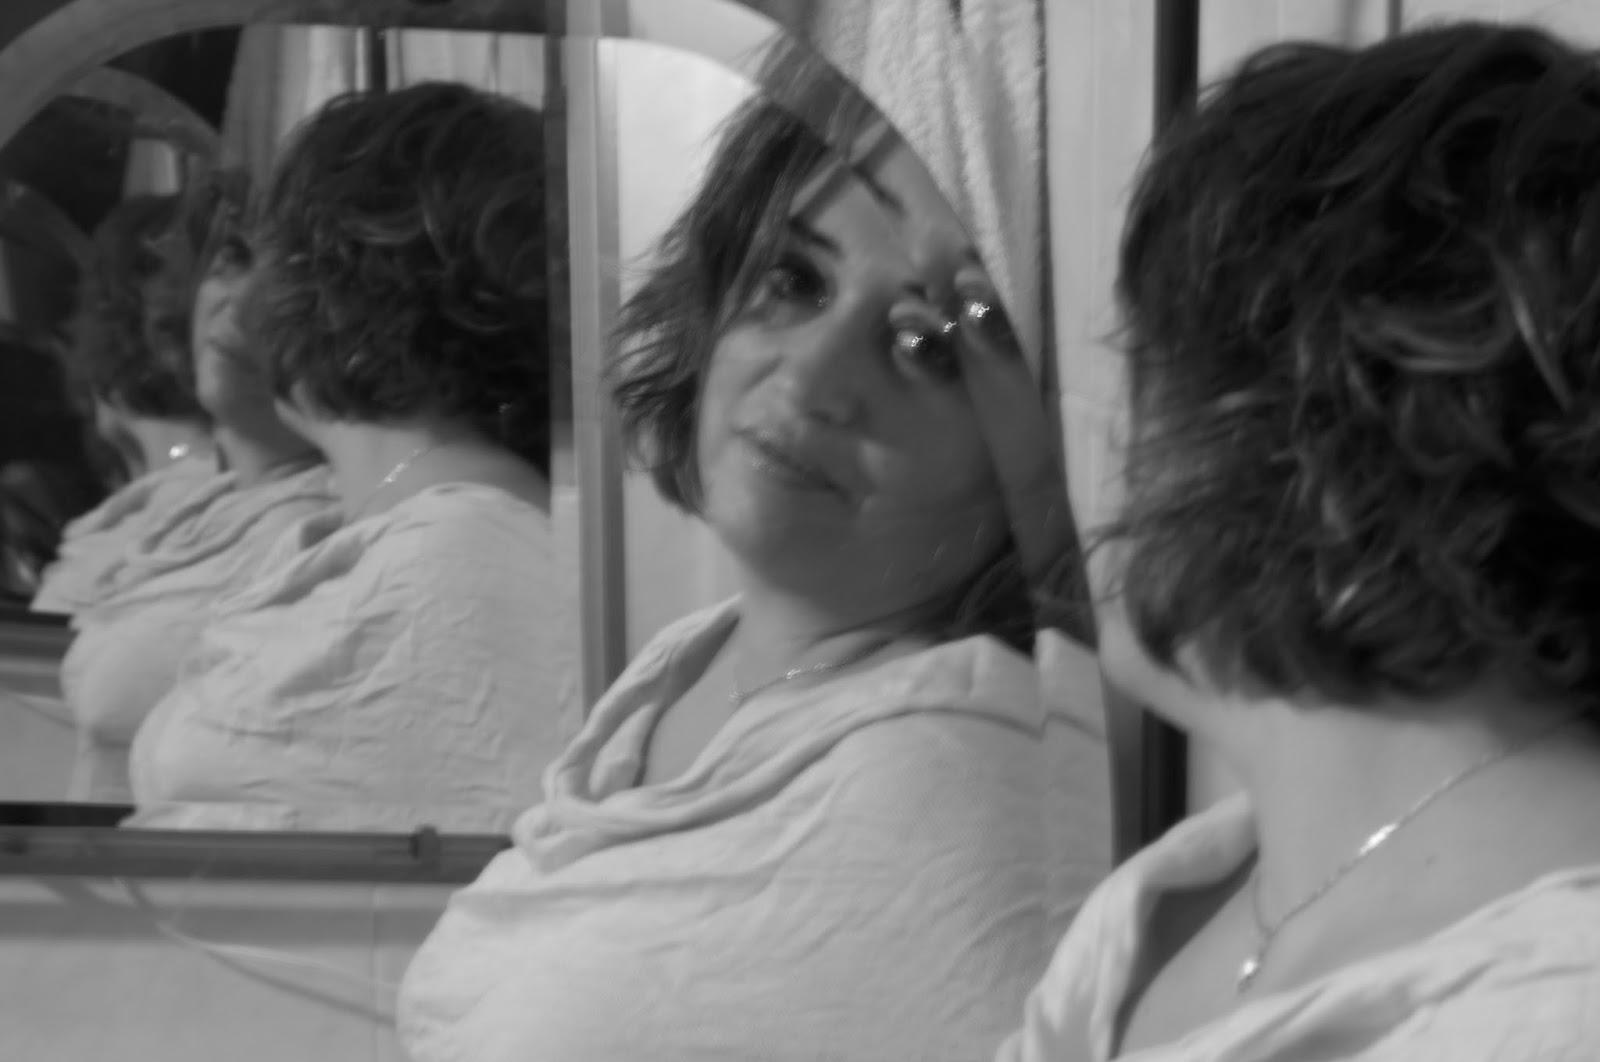 La filosofa harapienta espejos que se reflejan a si mismos for Espejo que se pega